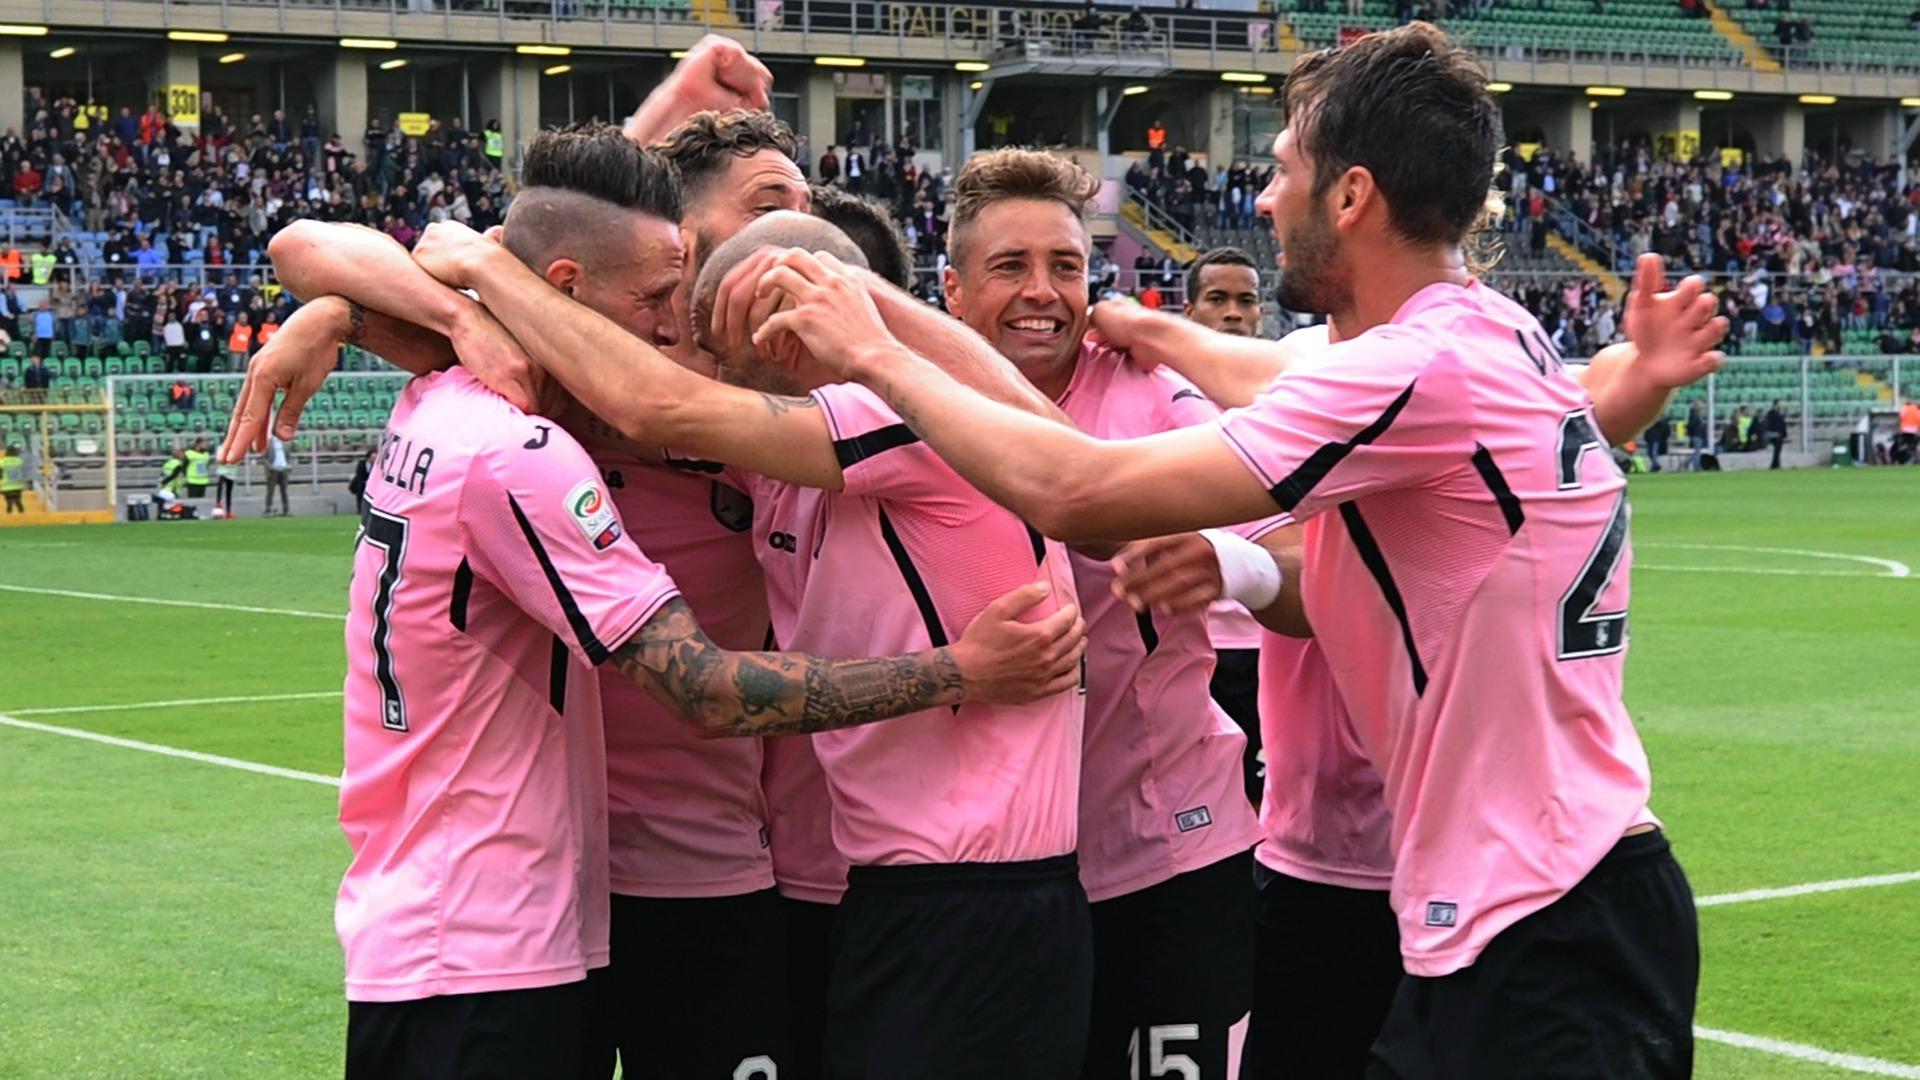 Serie A, ultima giornata: i verdetti finali del campionato